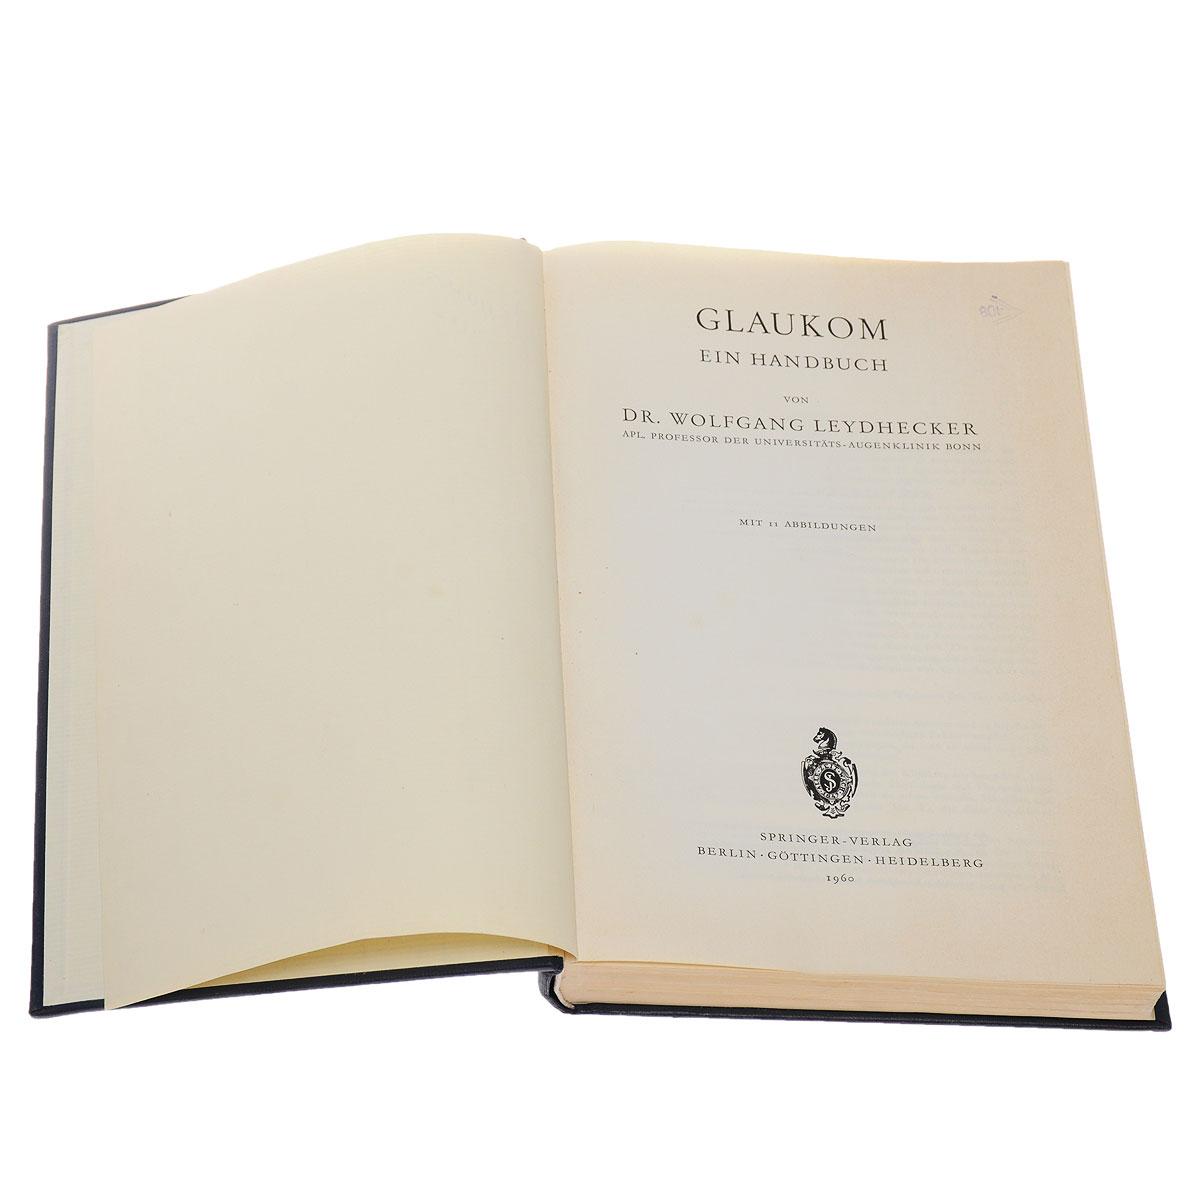 Glaukom ein Handbuch